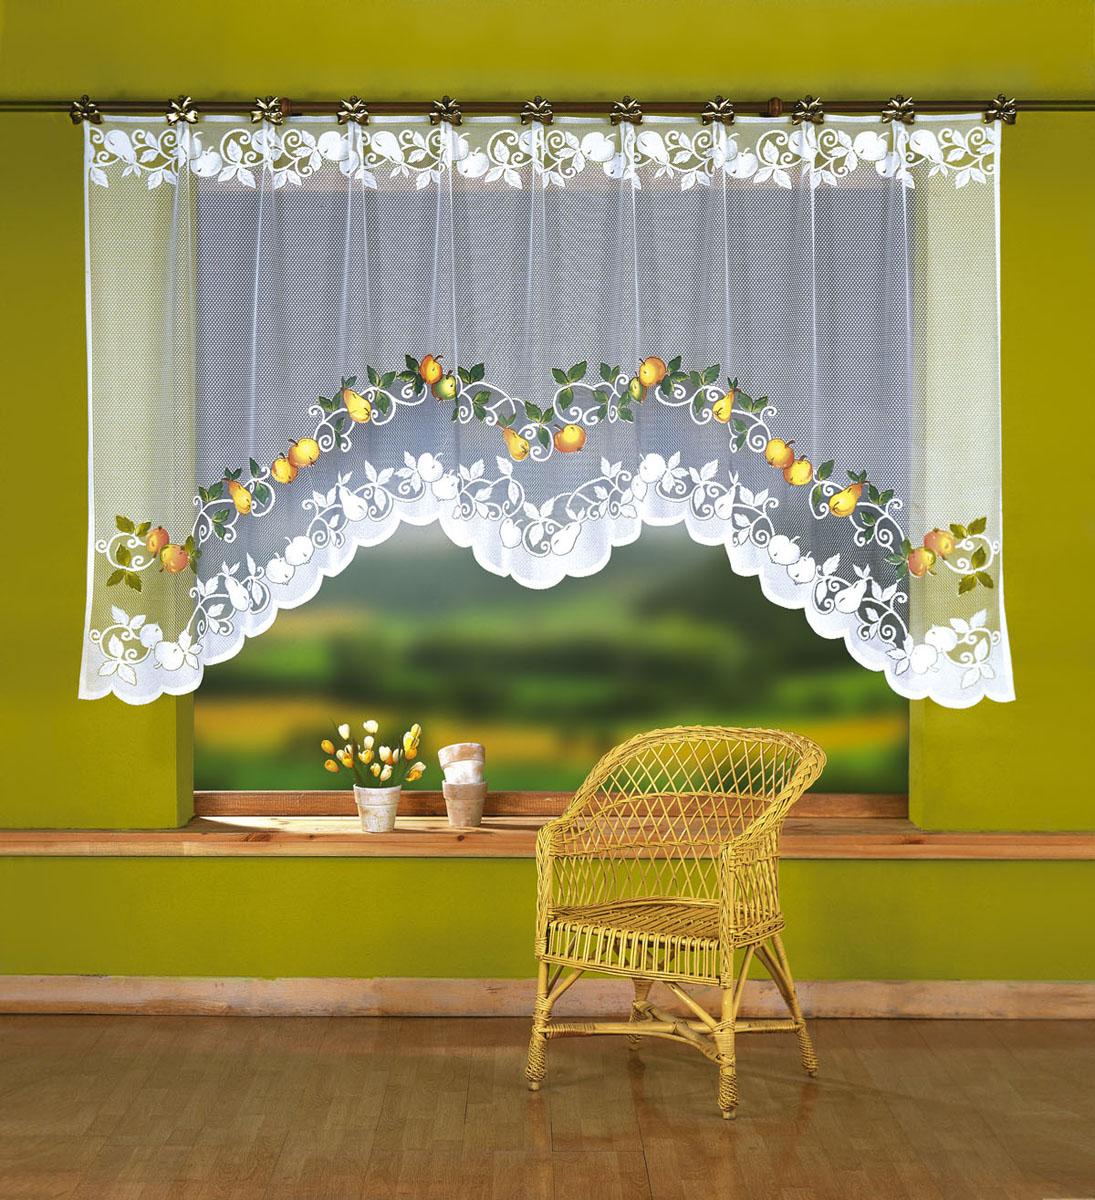 Штора для кухни Wisan, на ленте, цвет: белый, желтый, зеленый, высота 150 см. 2347K100Штора-арка Wisan, выполненная из легкого полупрозрачного полиэстера белого цвета, станет великолепным украшением кухонного окна. Изделие имеет ассиметричную длину и красивый орнамент в виде яблок и груш. Качественный материал и оригинальный дизайн привлекут к себе внимание и позволят шторе органично вписаться в интерьер помещения. Штора оснащена шторной лентой под зажимы для крепления на карниз.